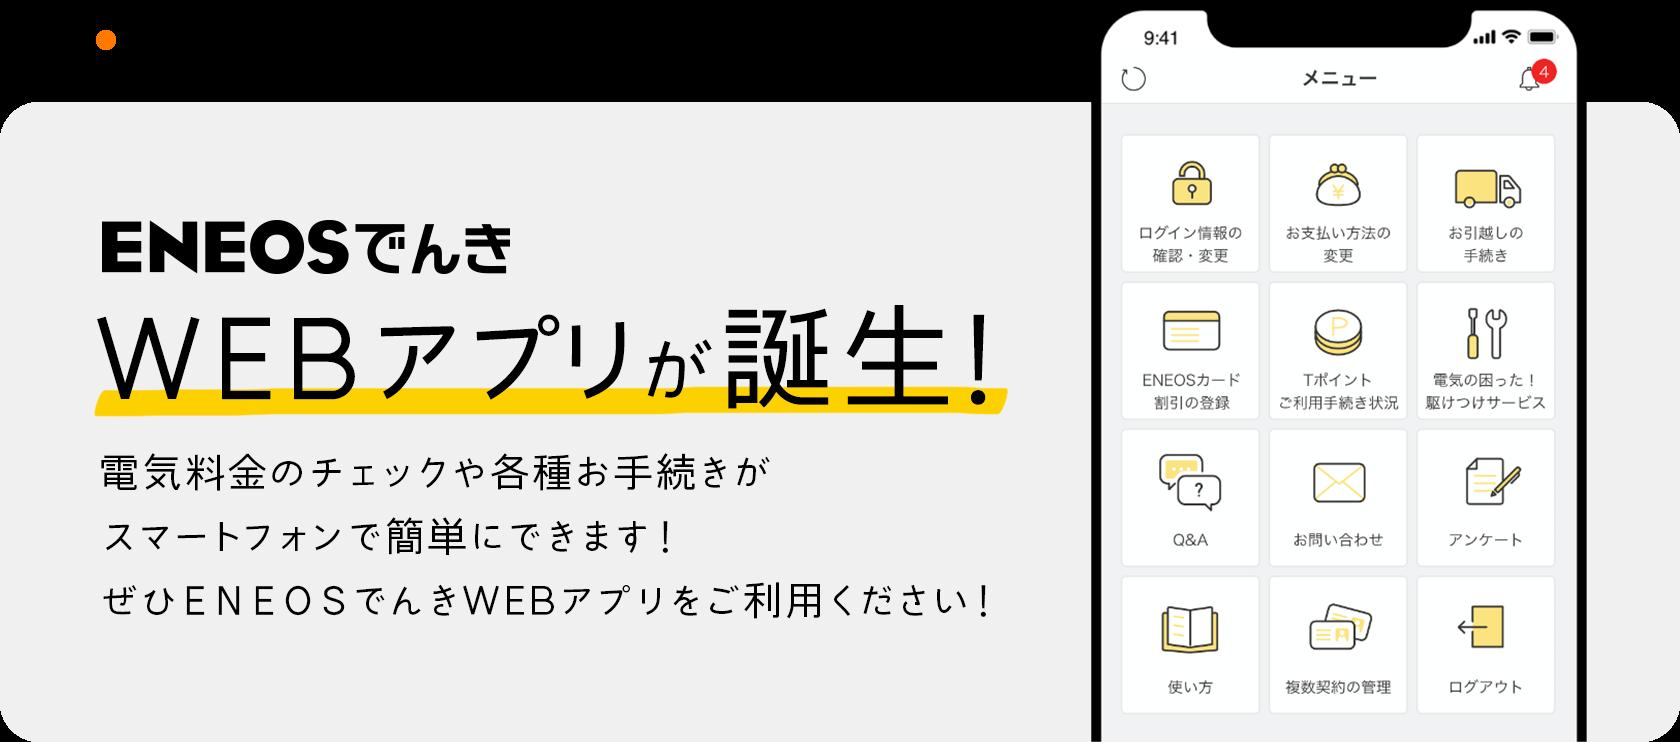 ENEOSでんき webアプリ